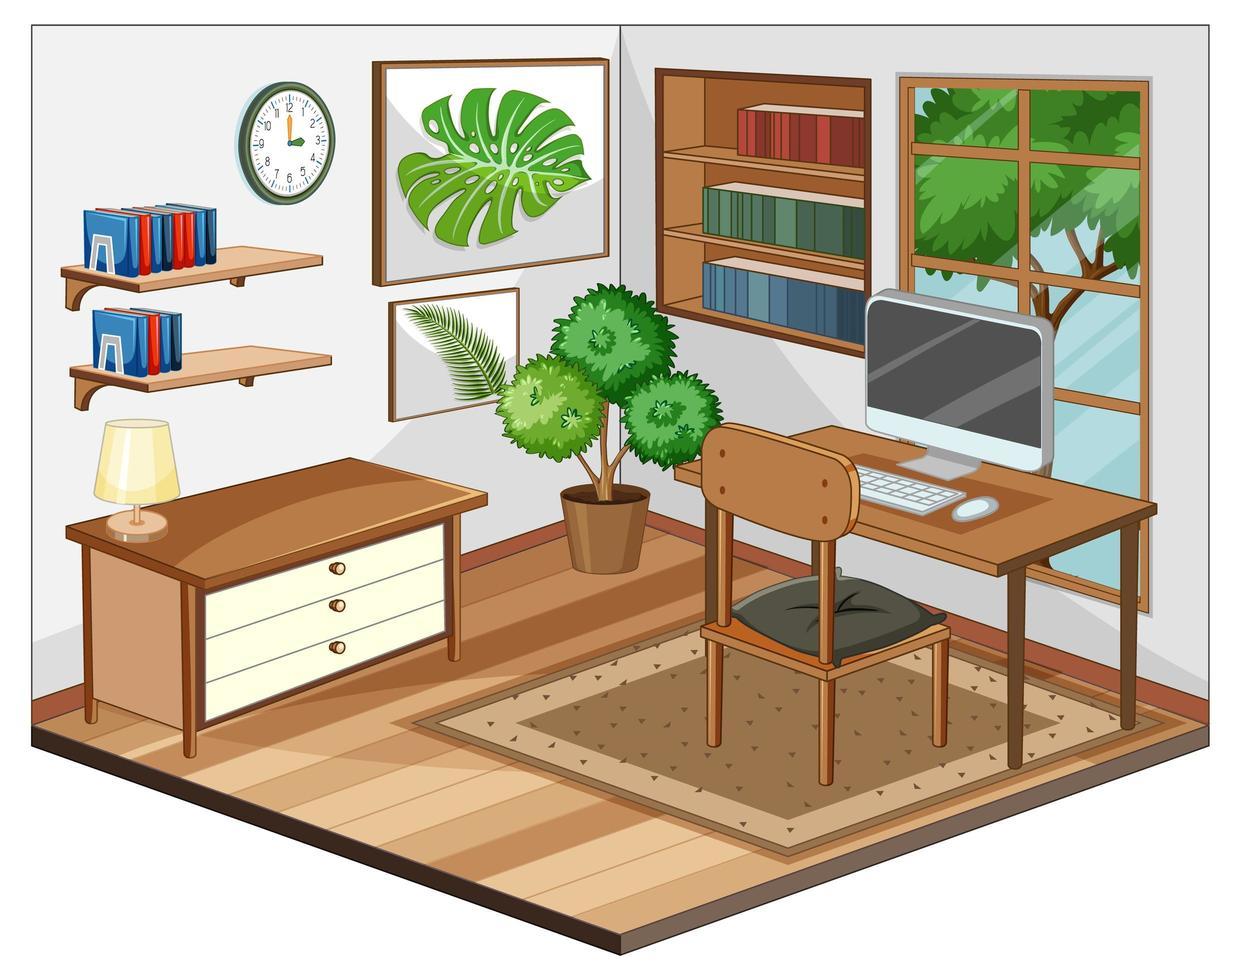 Arbeitsplatz mit Möbeln vektor